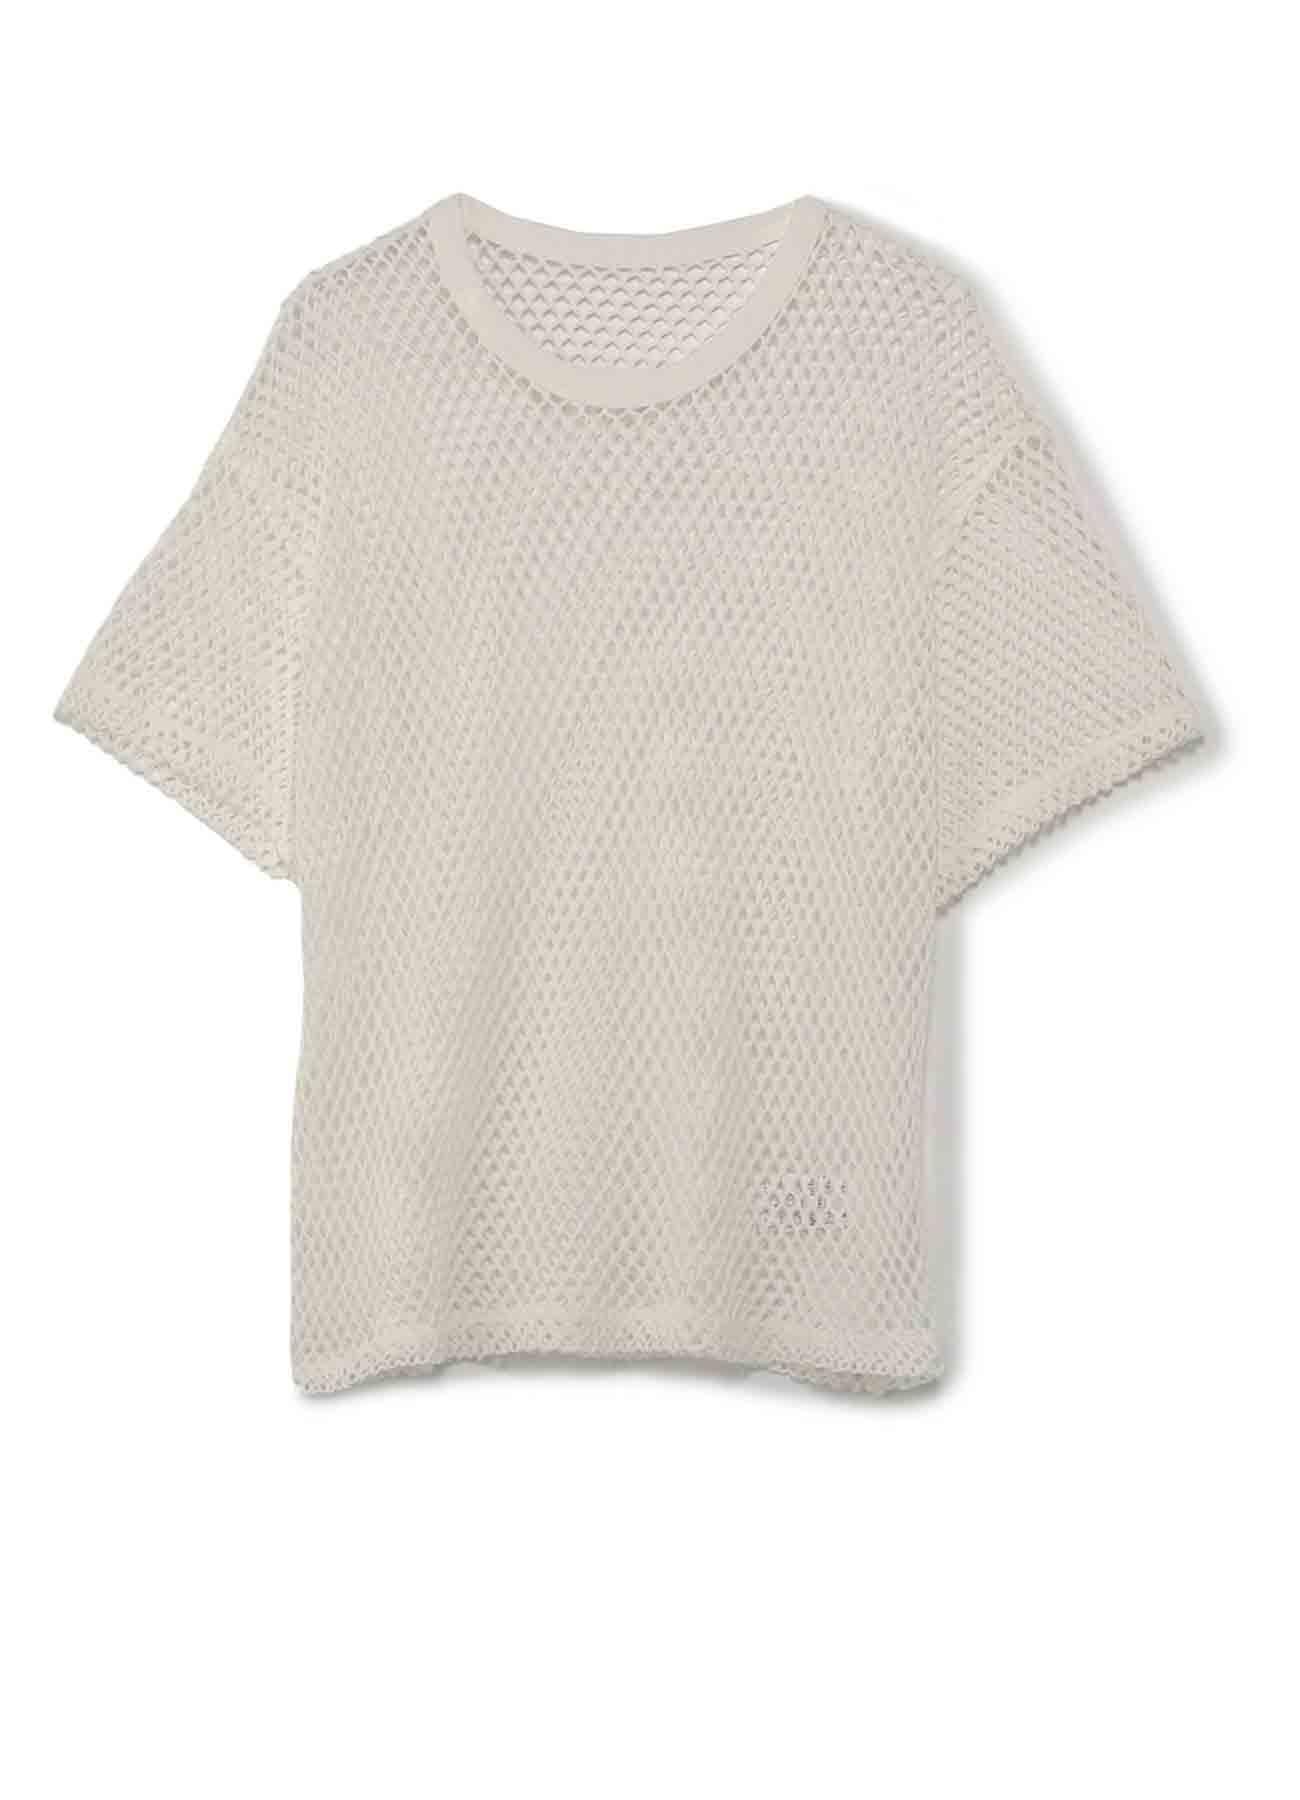 ビッグメッシュ 半袖Tシャツ